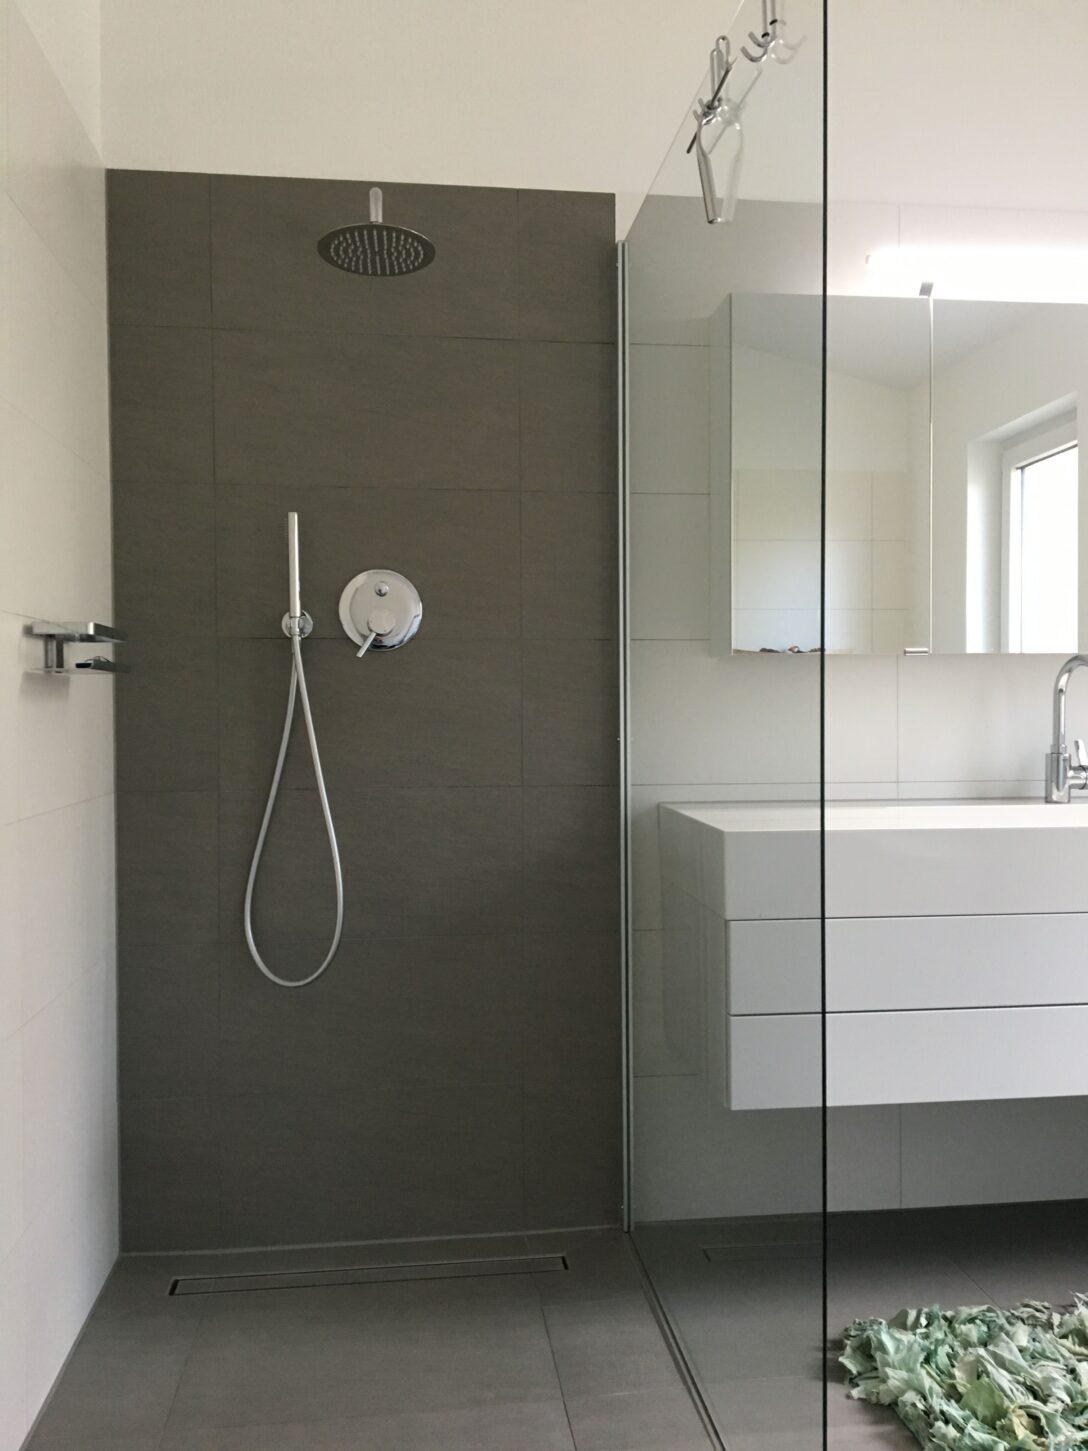 Large Size of Badezimmer Dusche Fliesen Wasseranschluss Hinter Der Wand Glastrennwand Begehbare Ohne Tür Bodengleiche Holzfliesen Bad Deckenlampen Für Wohnzimmer Dusche Fliesen Für Dusche